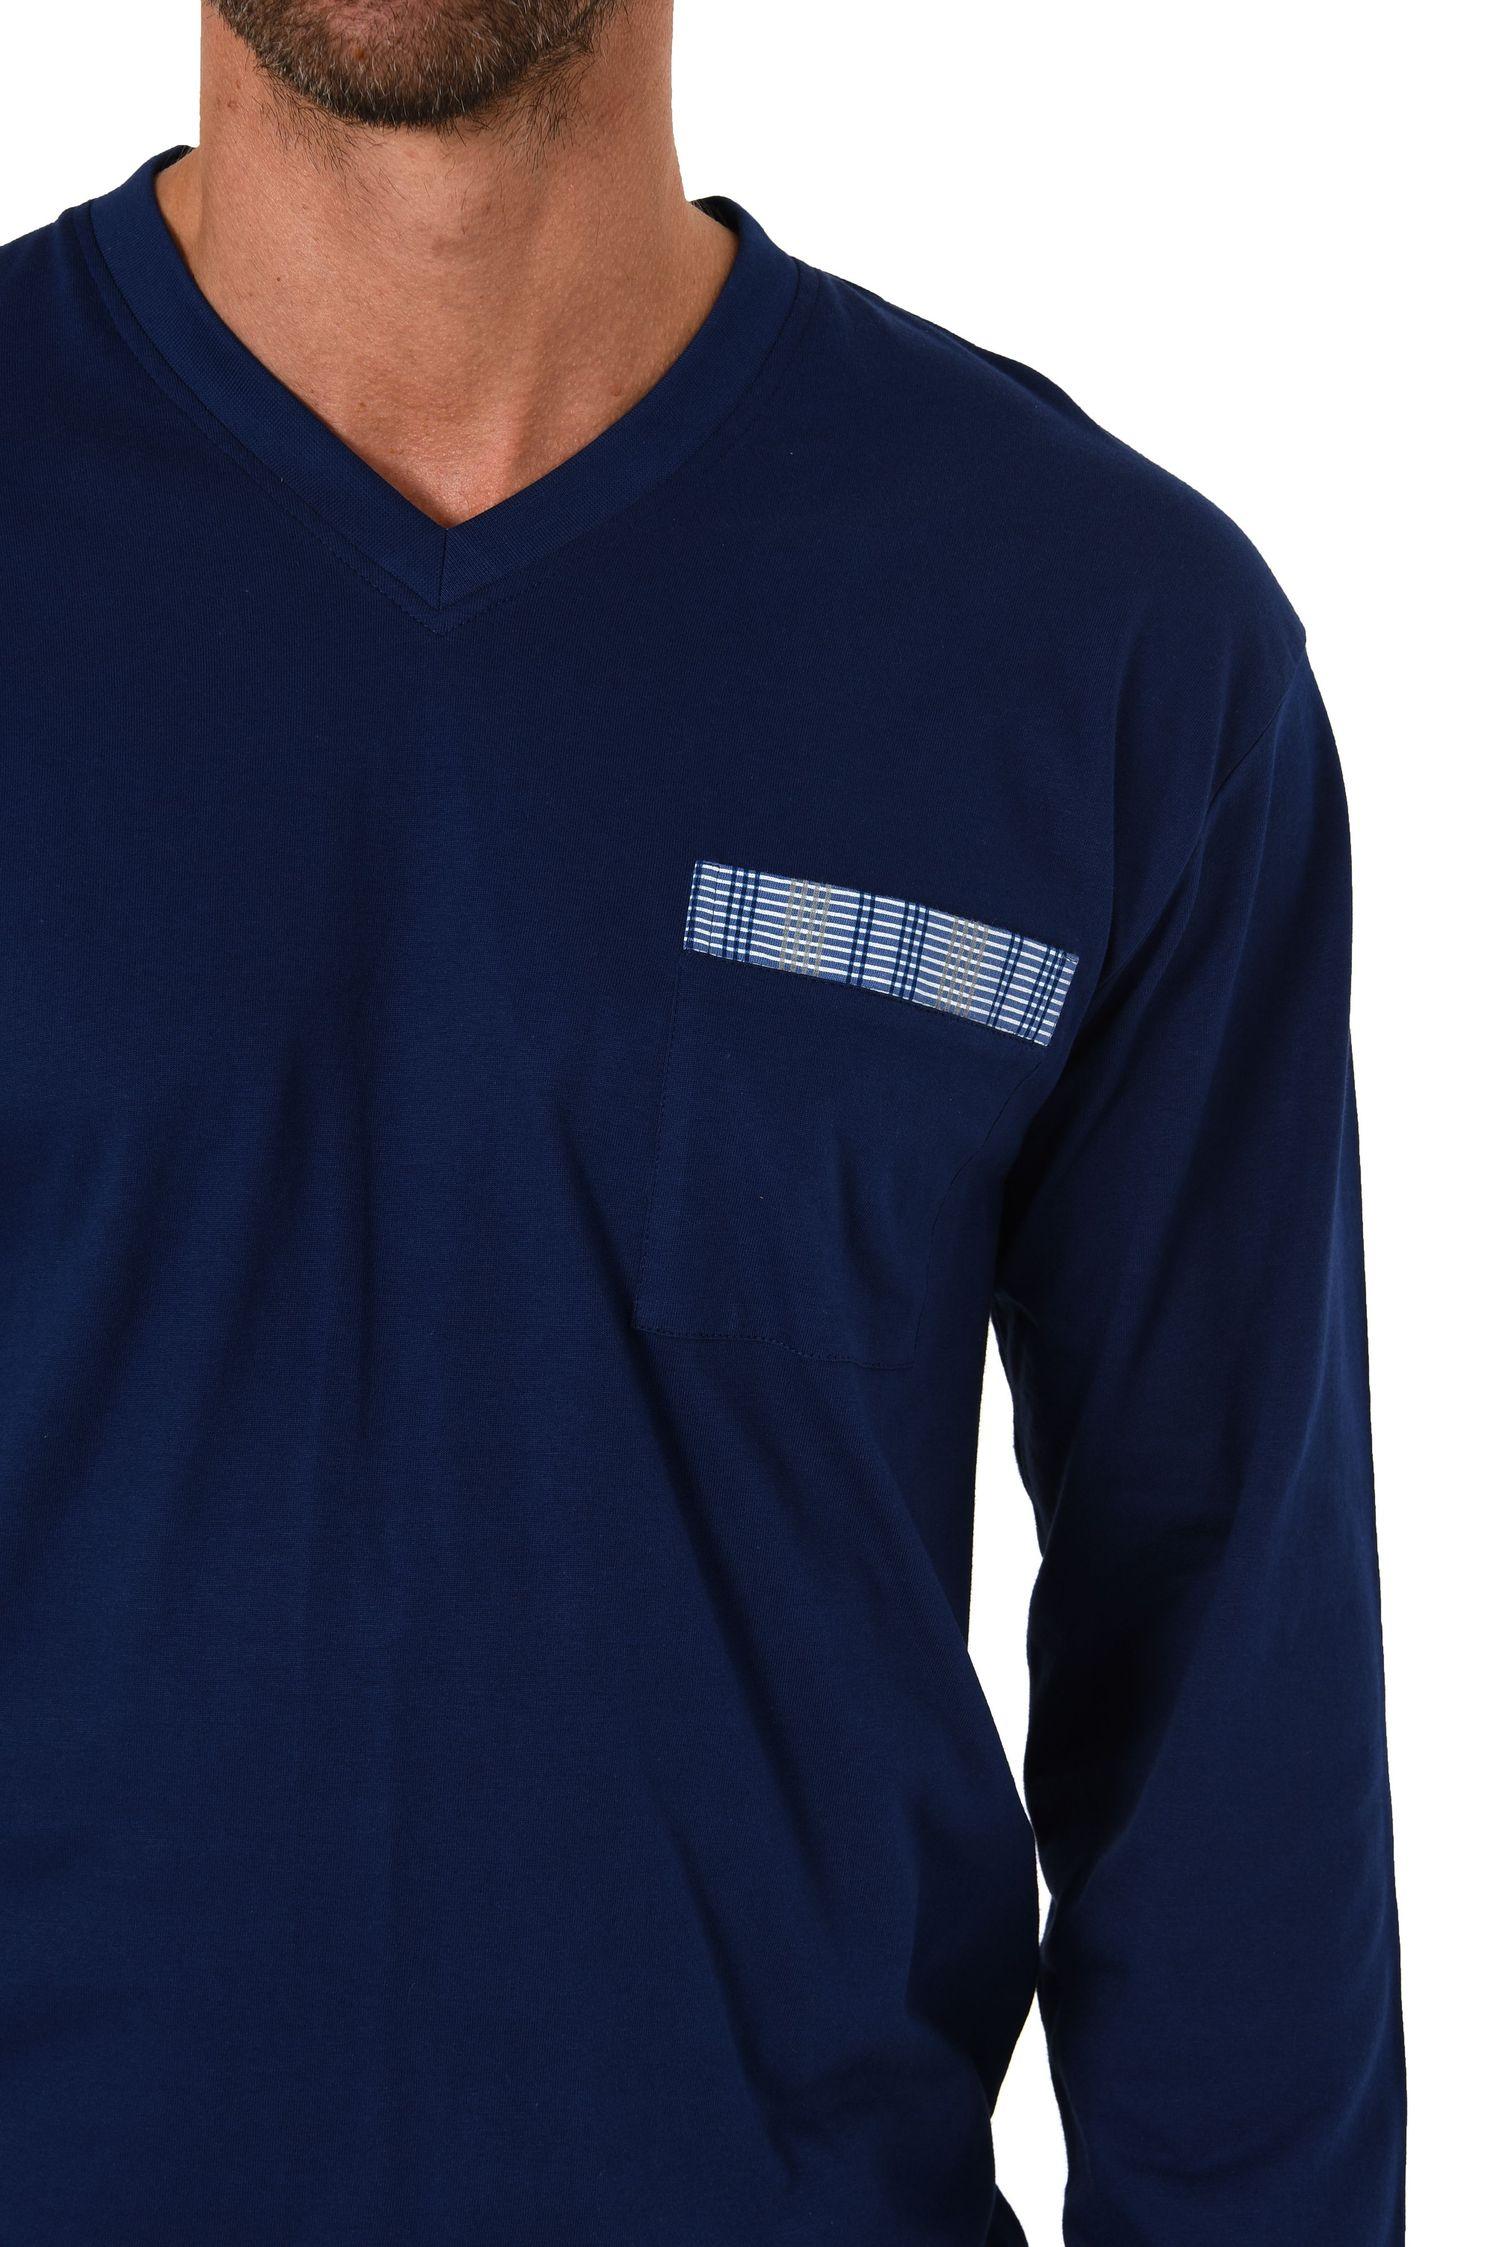 Herren Schlafanzug Pyjama mit Bündchen und Karo Hose - auch in Übergrössen 281 101 90 682 – Bild 5